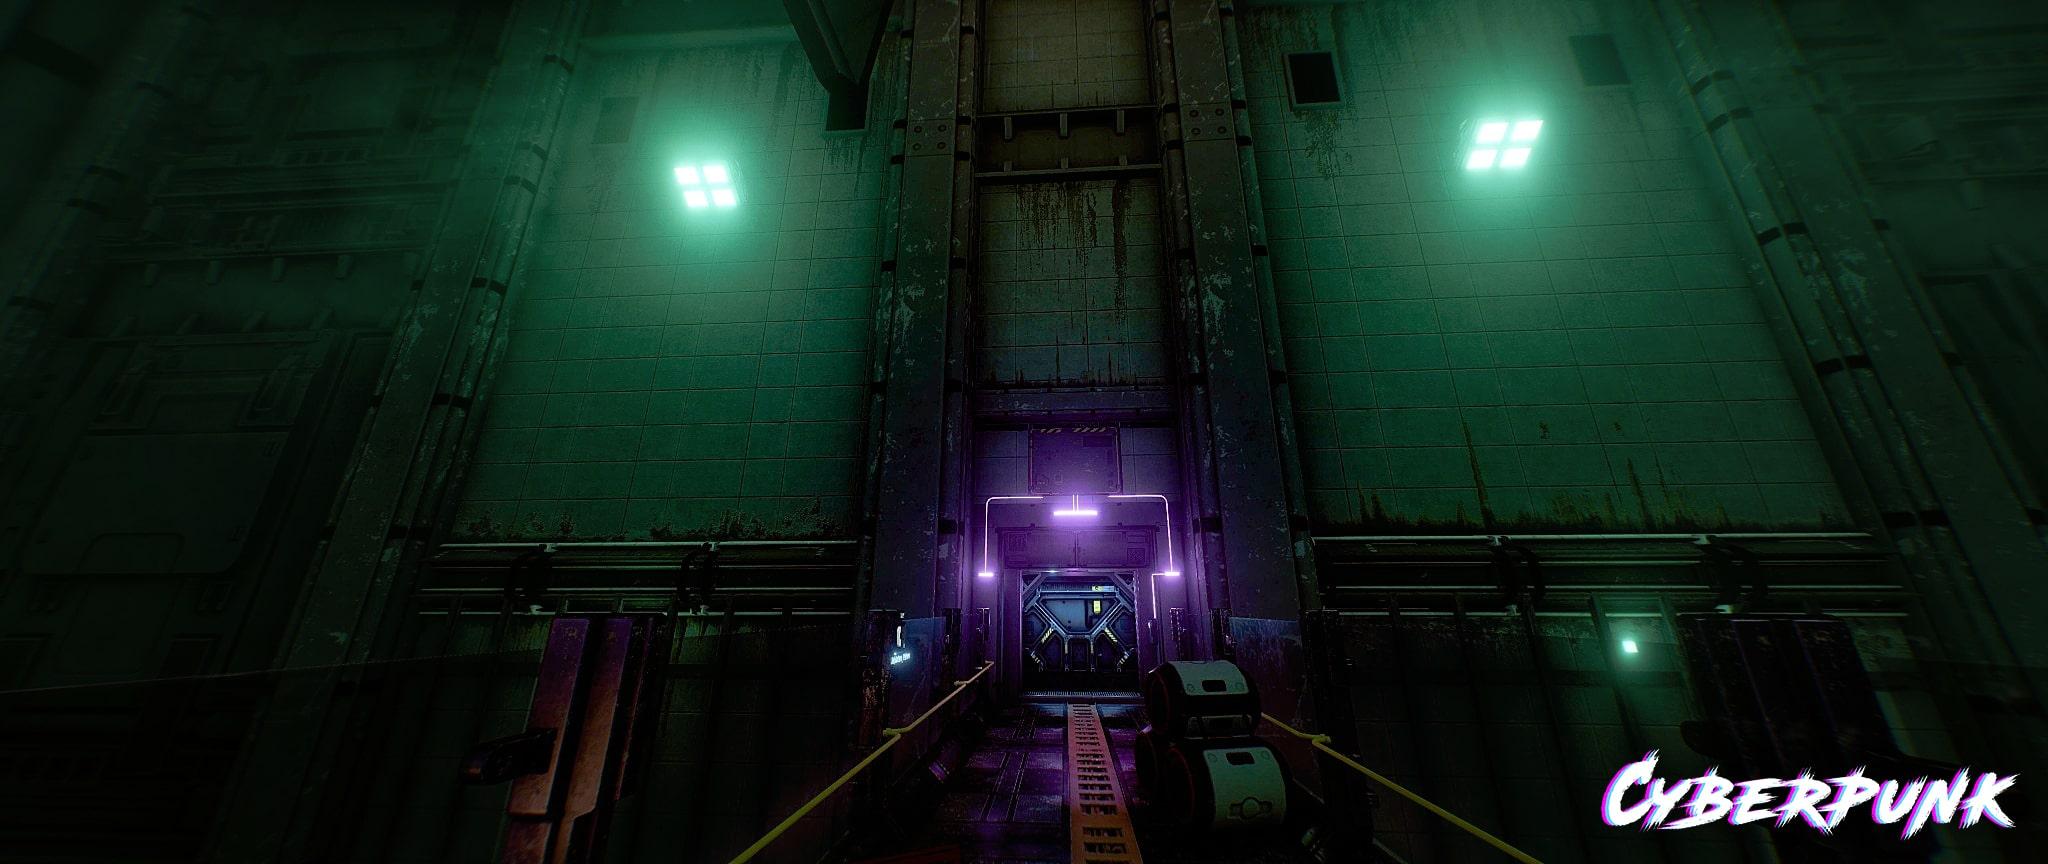 Cyberpunk 2